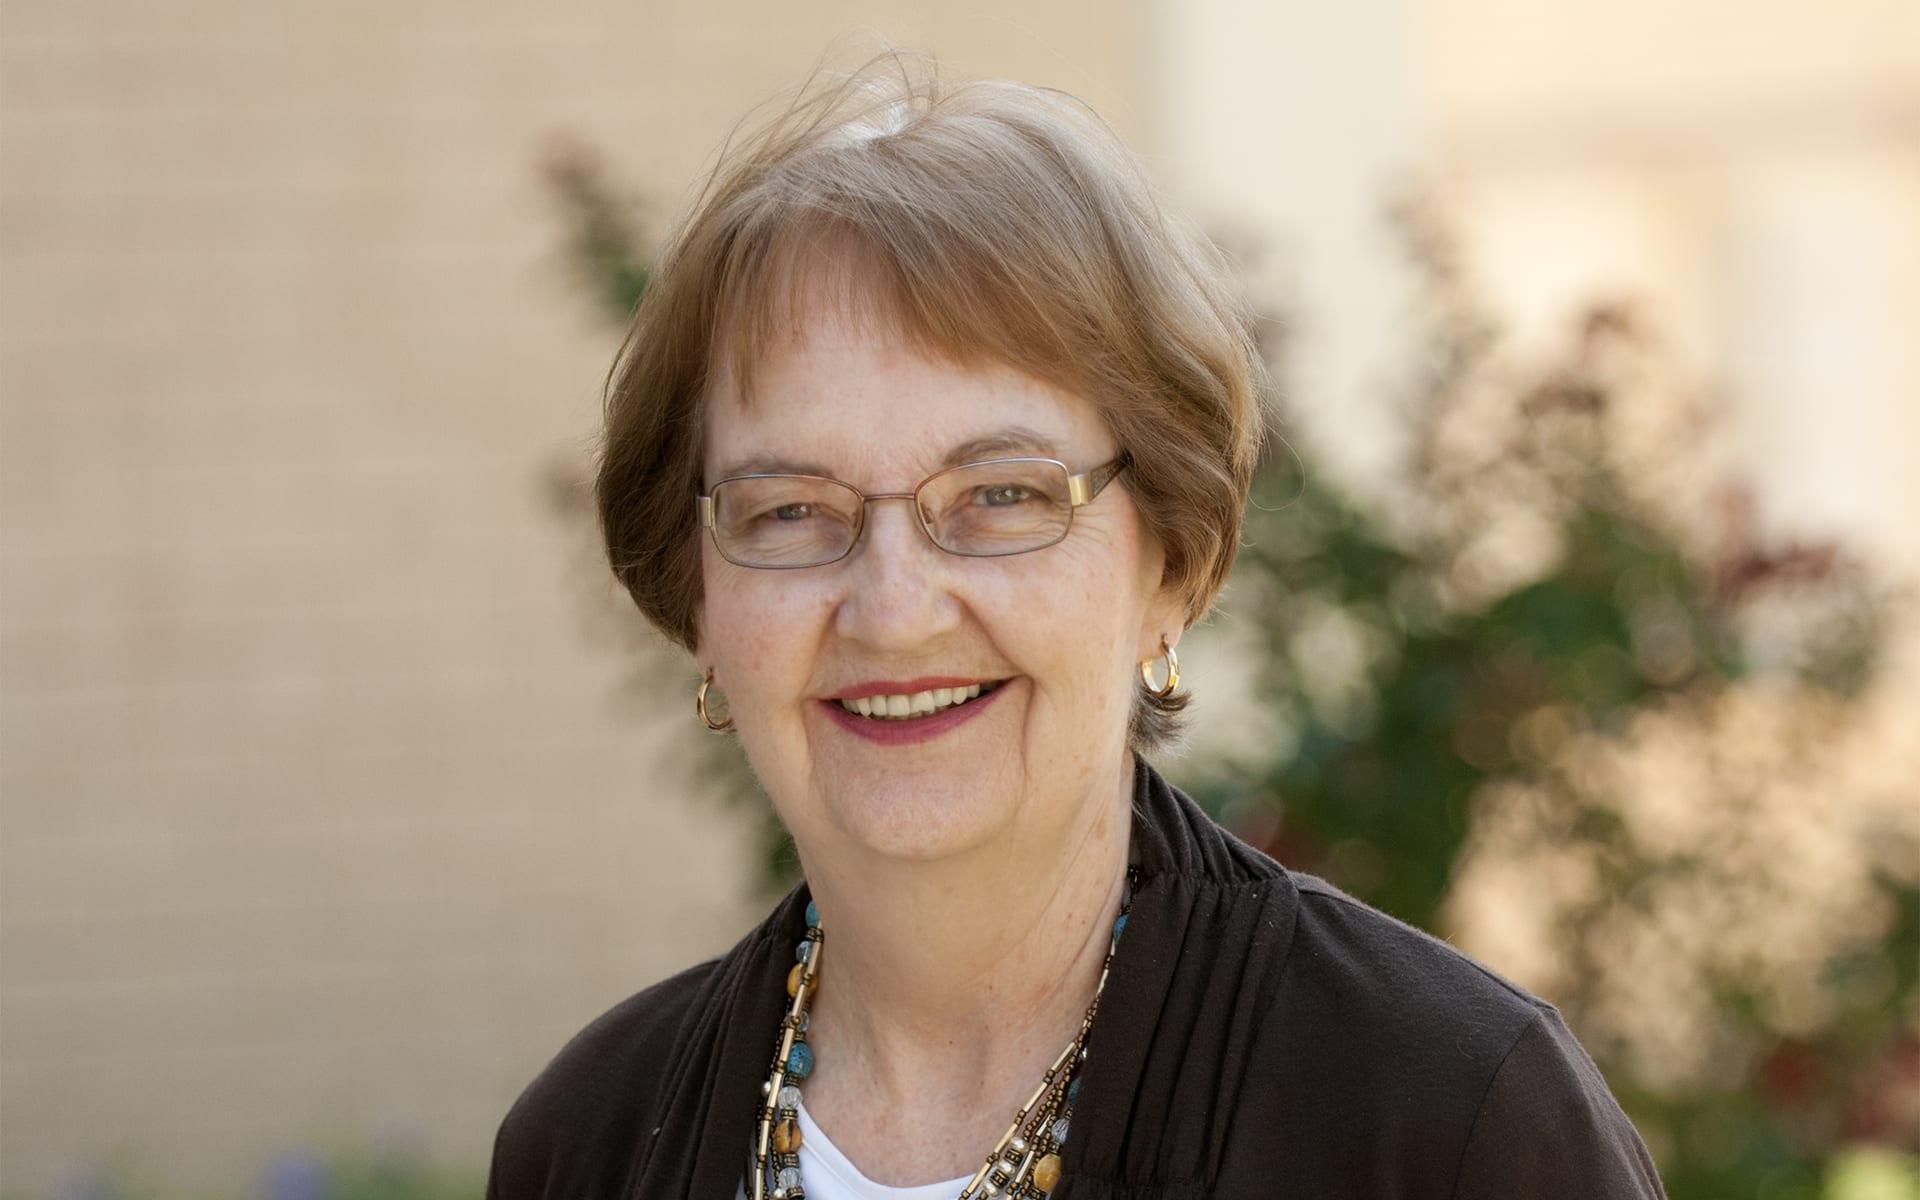 Linda Marten